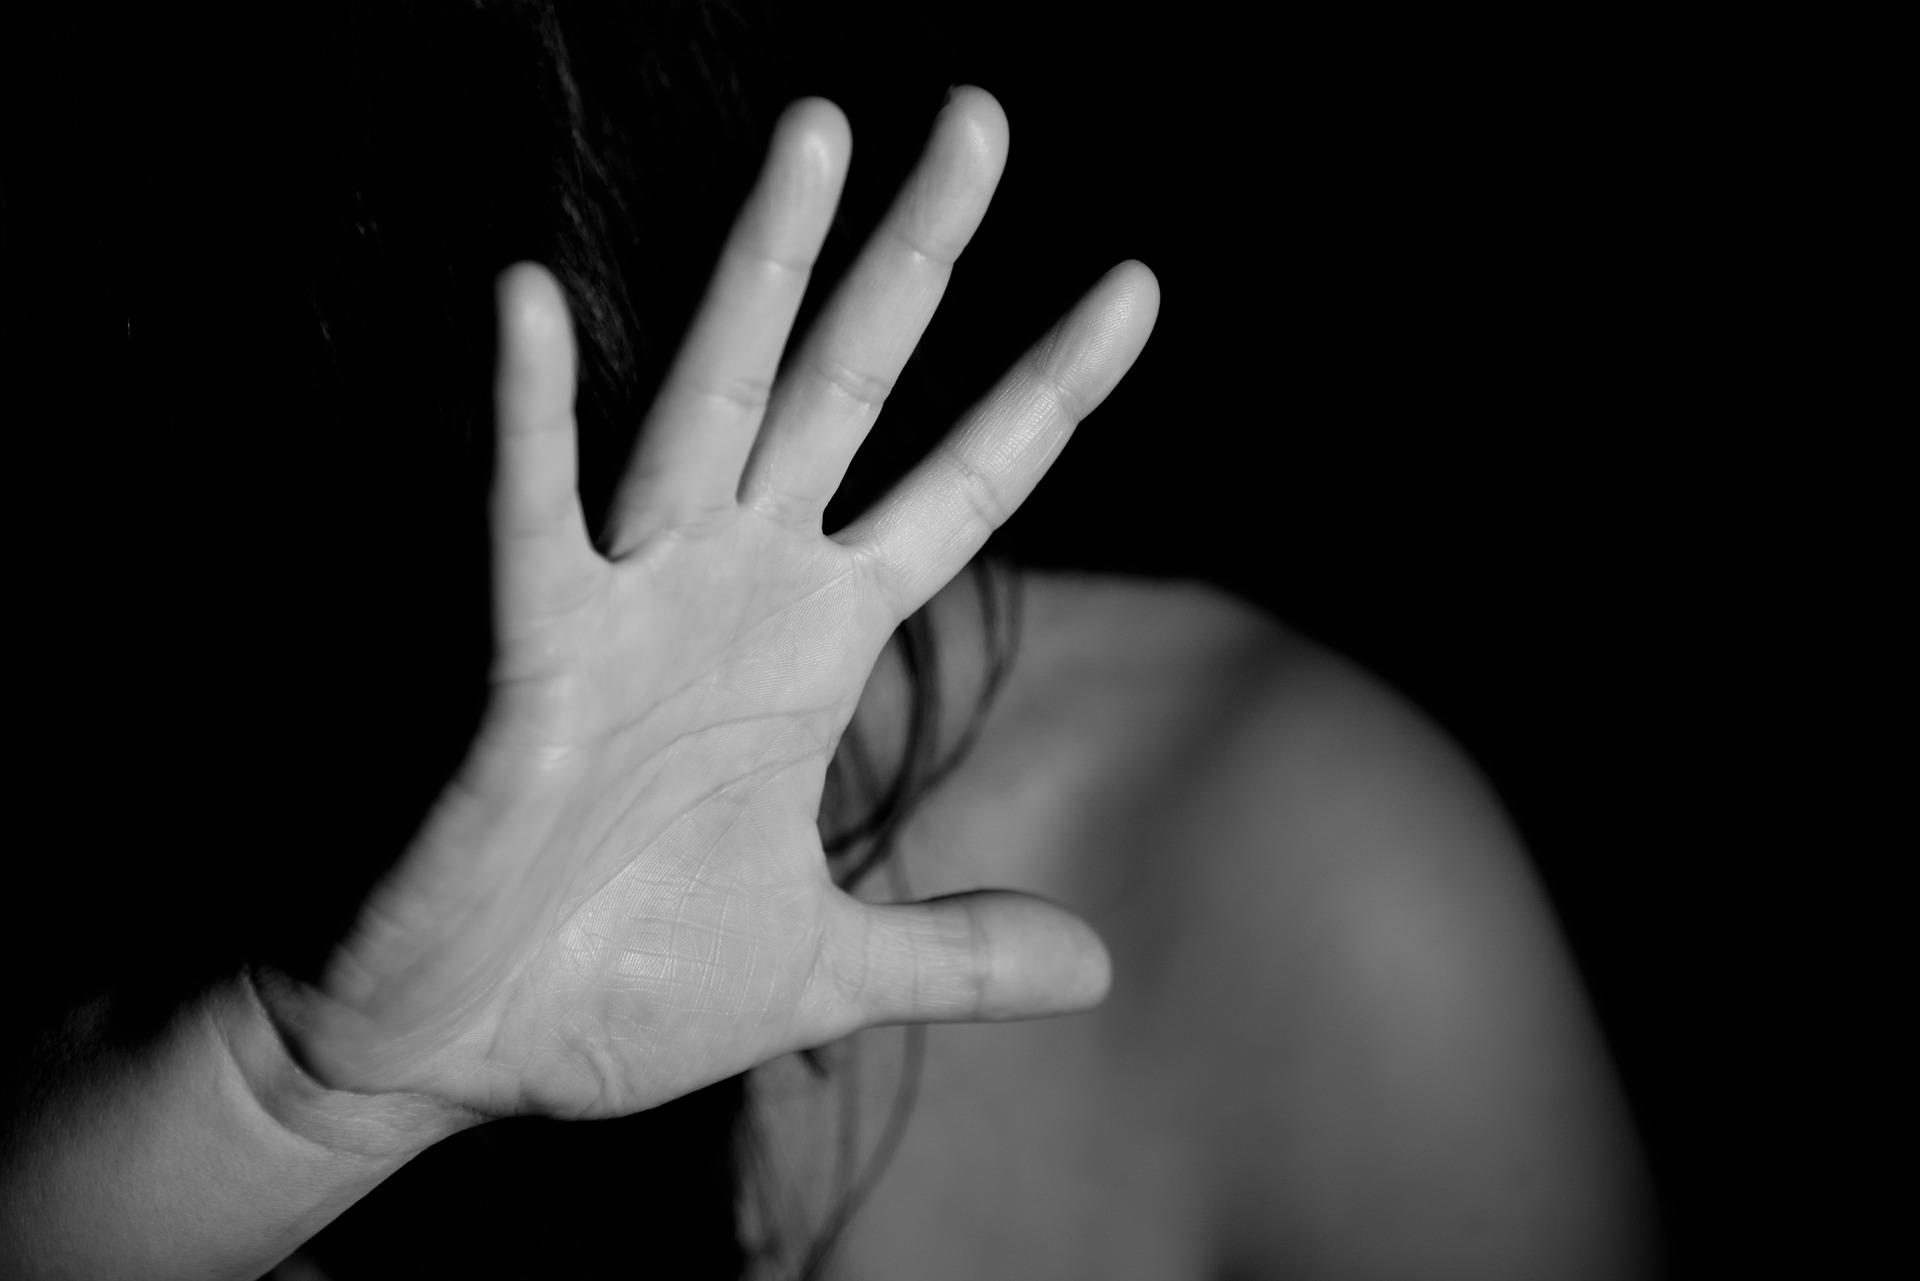 kadına şiddet avukatı